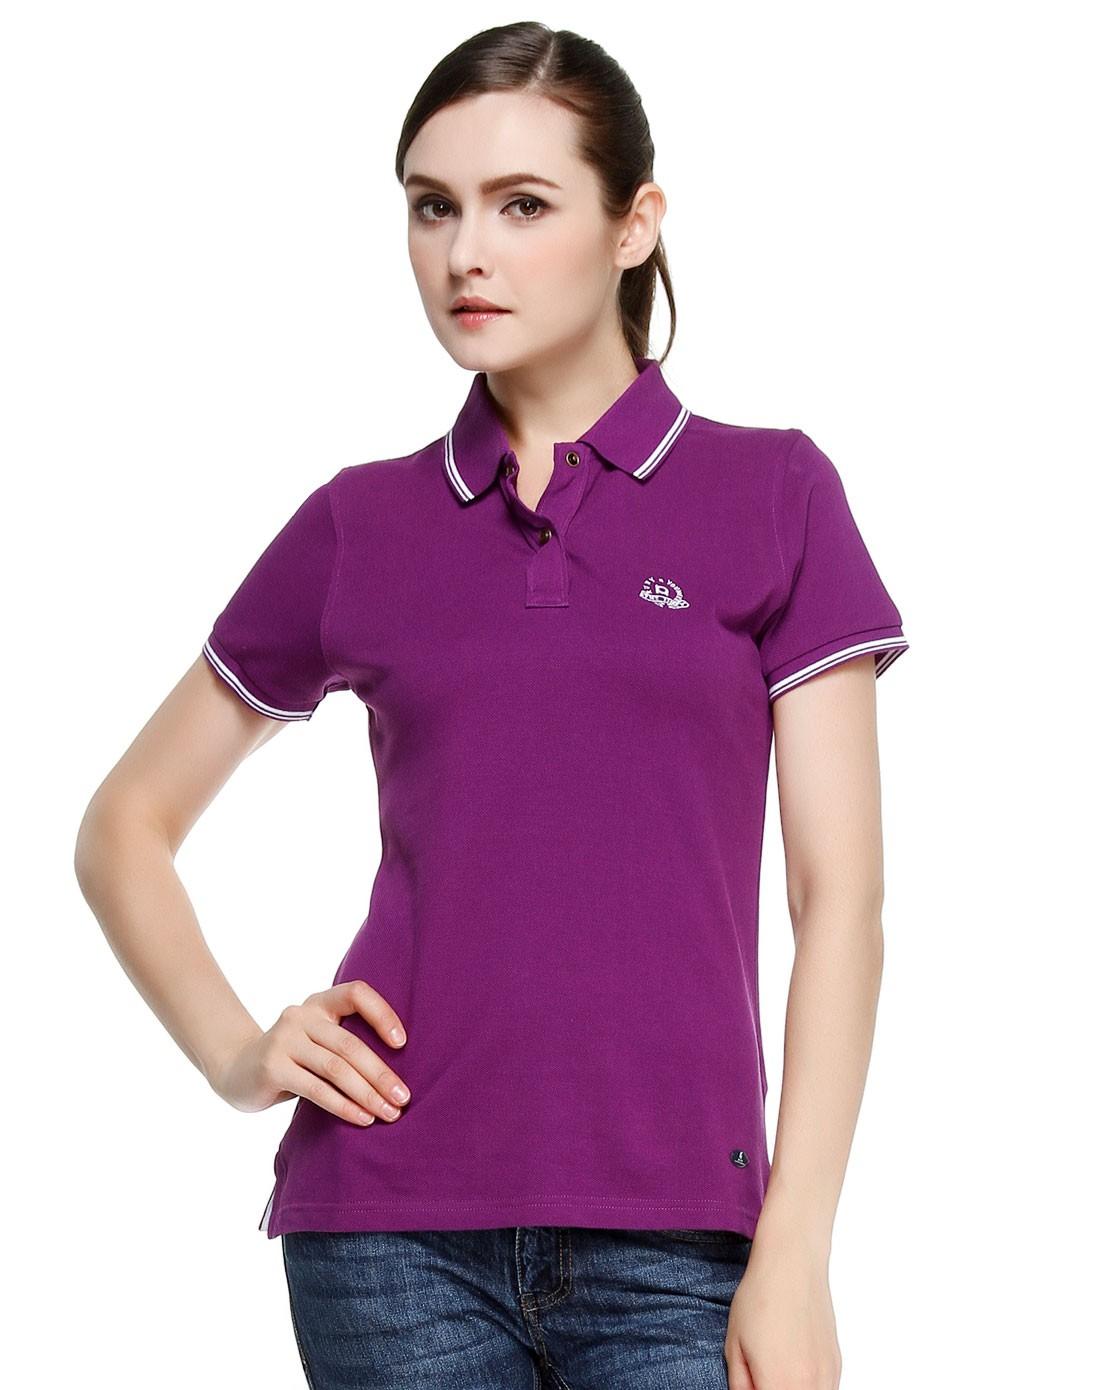 女款简约活力深紫色短袖polo衫